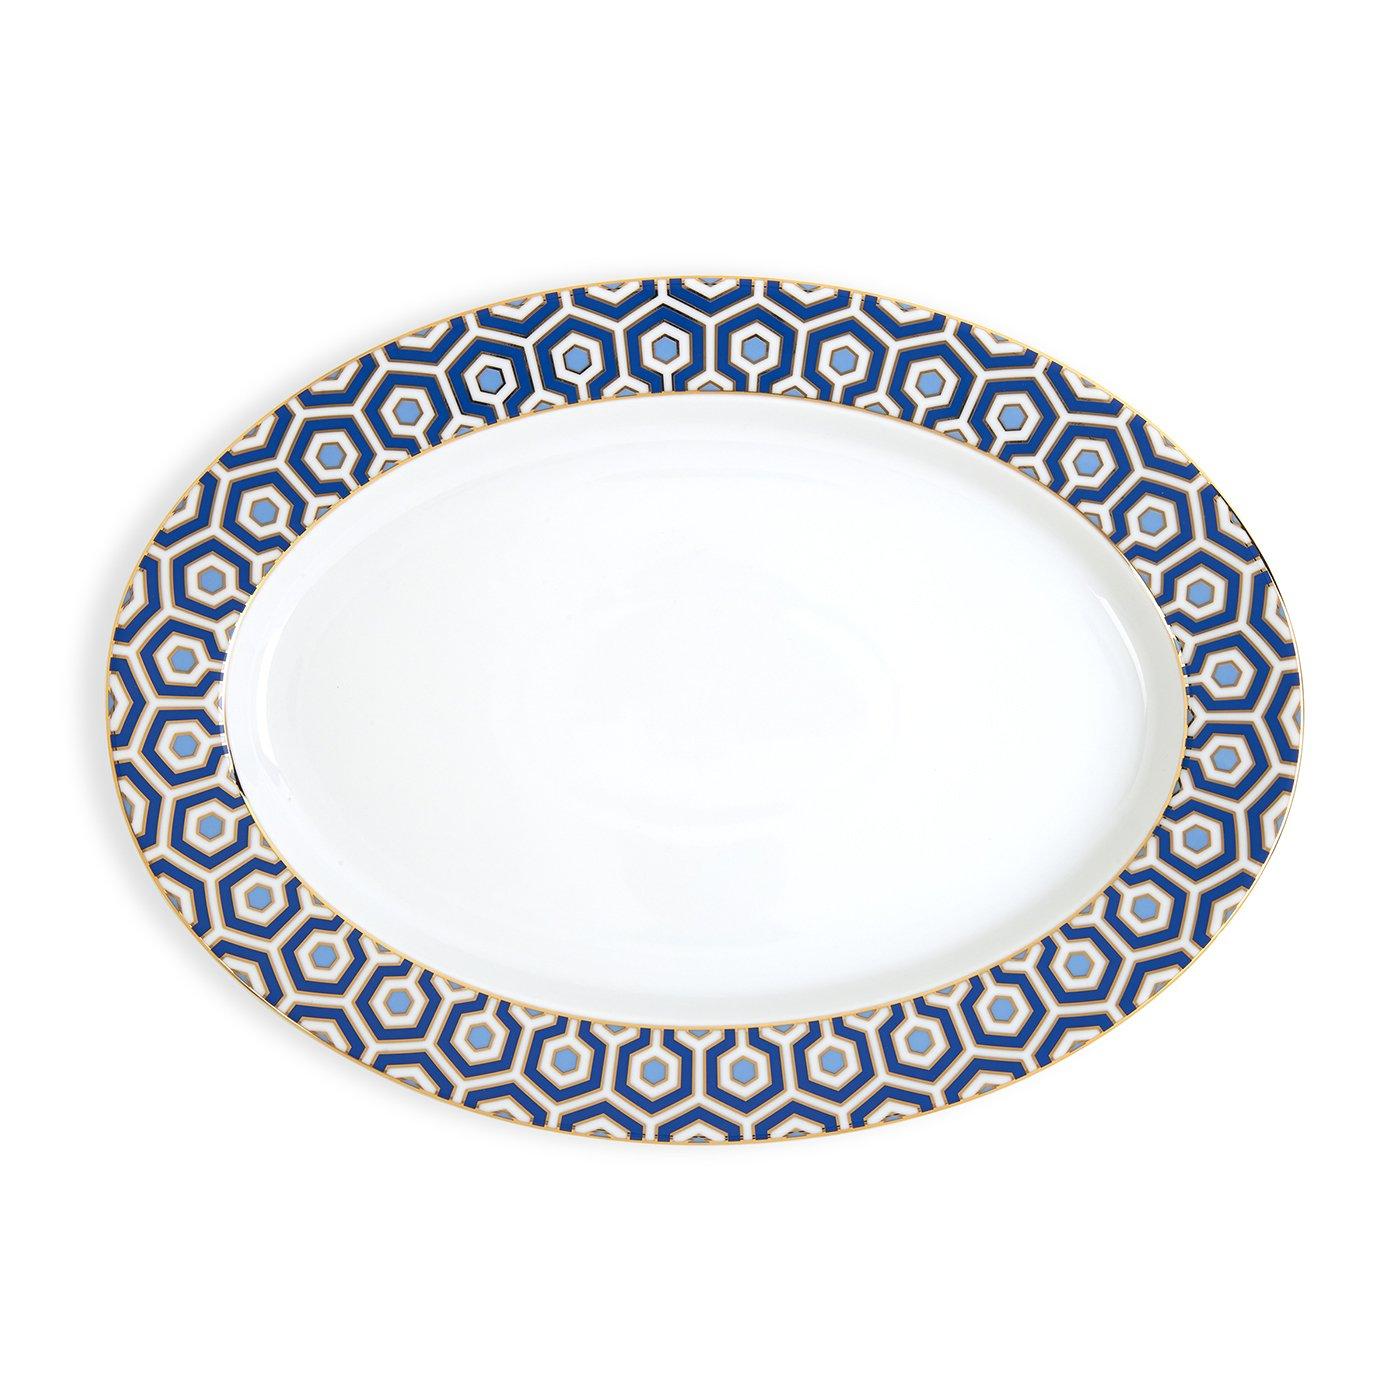 Jonathan Adler 21974 Newport Oval Platter, Blue